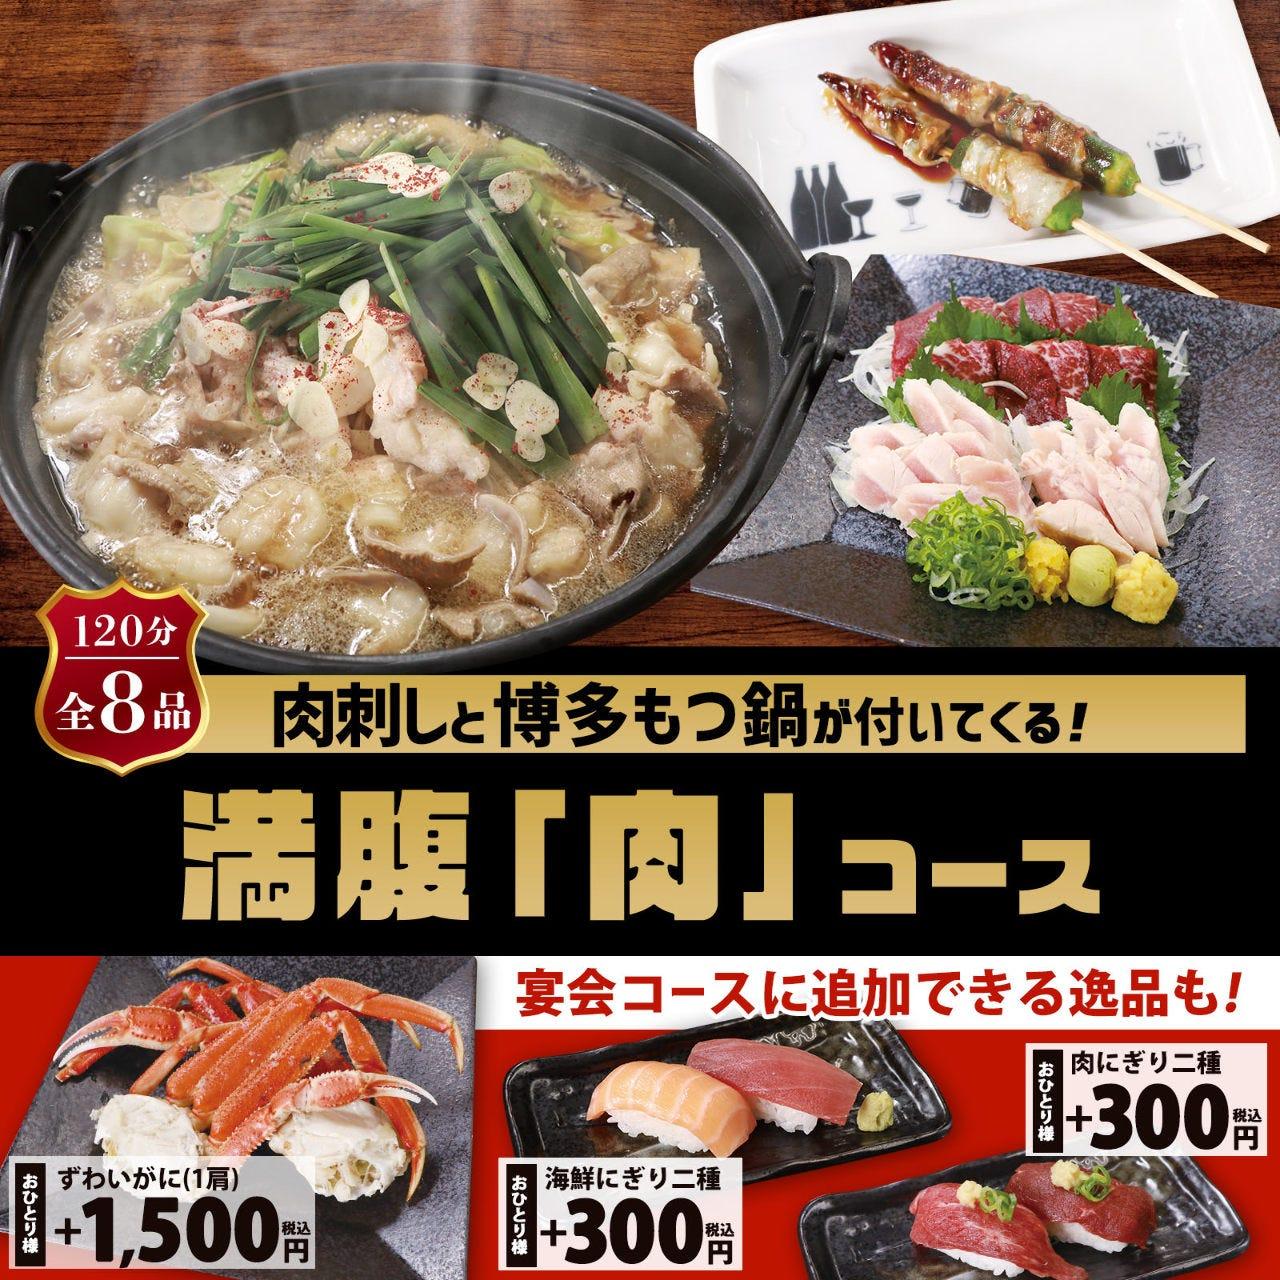 ≪2時間飲み放題≫肉刺しと博多もつ鍋のついた満腹「肉」コース【8品】